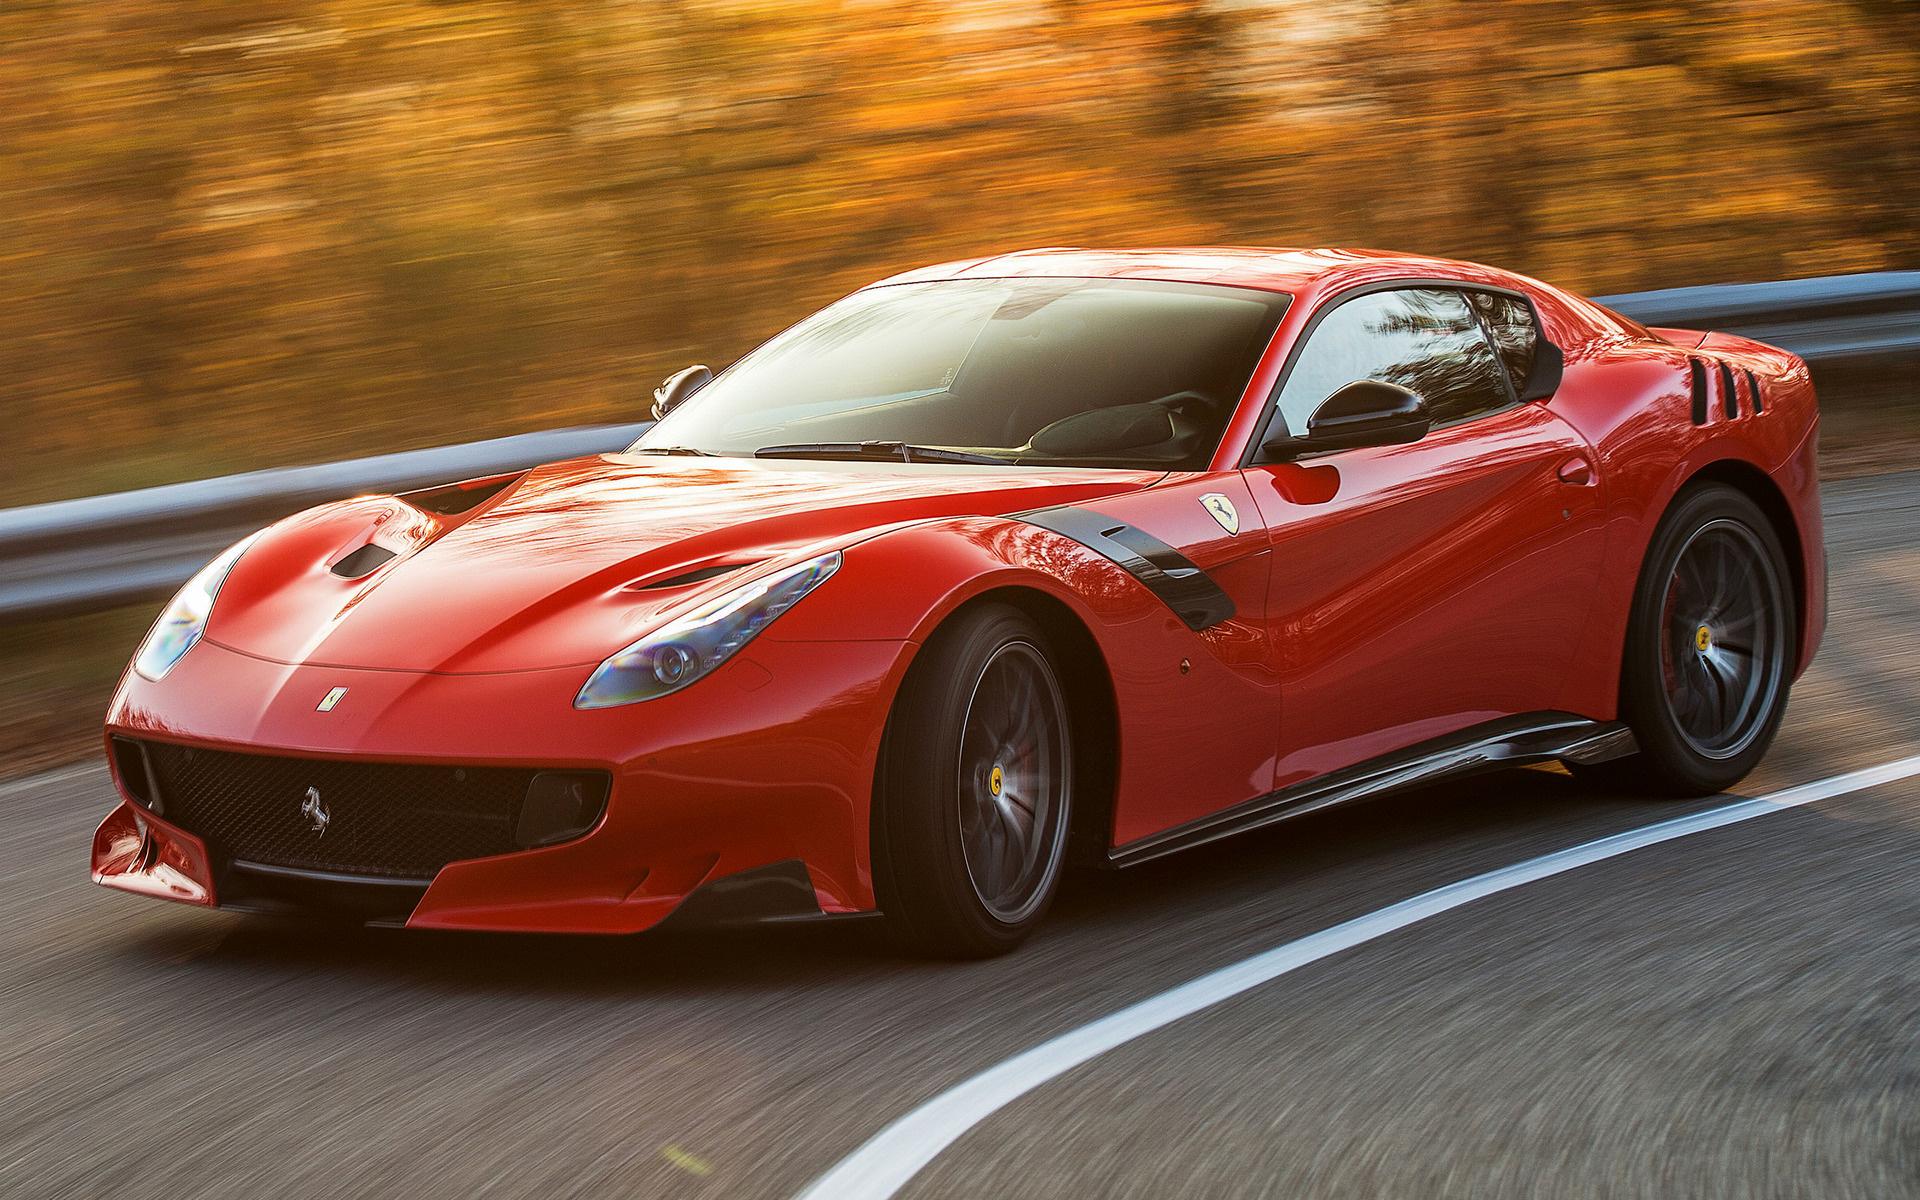 2015 Ferrari F12tdf - Wallpapers and HD Images | Car Pixel